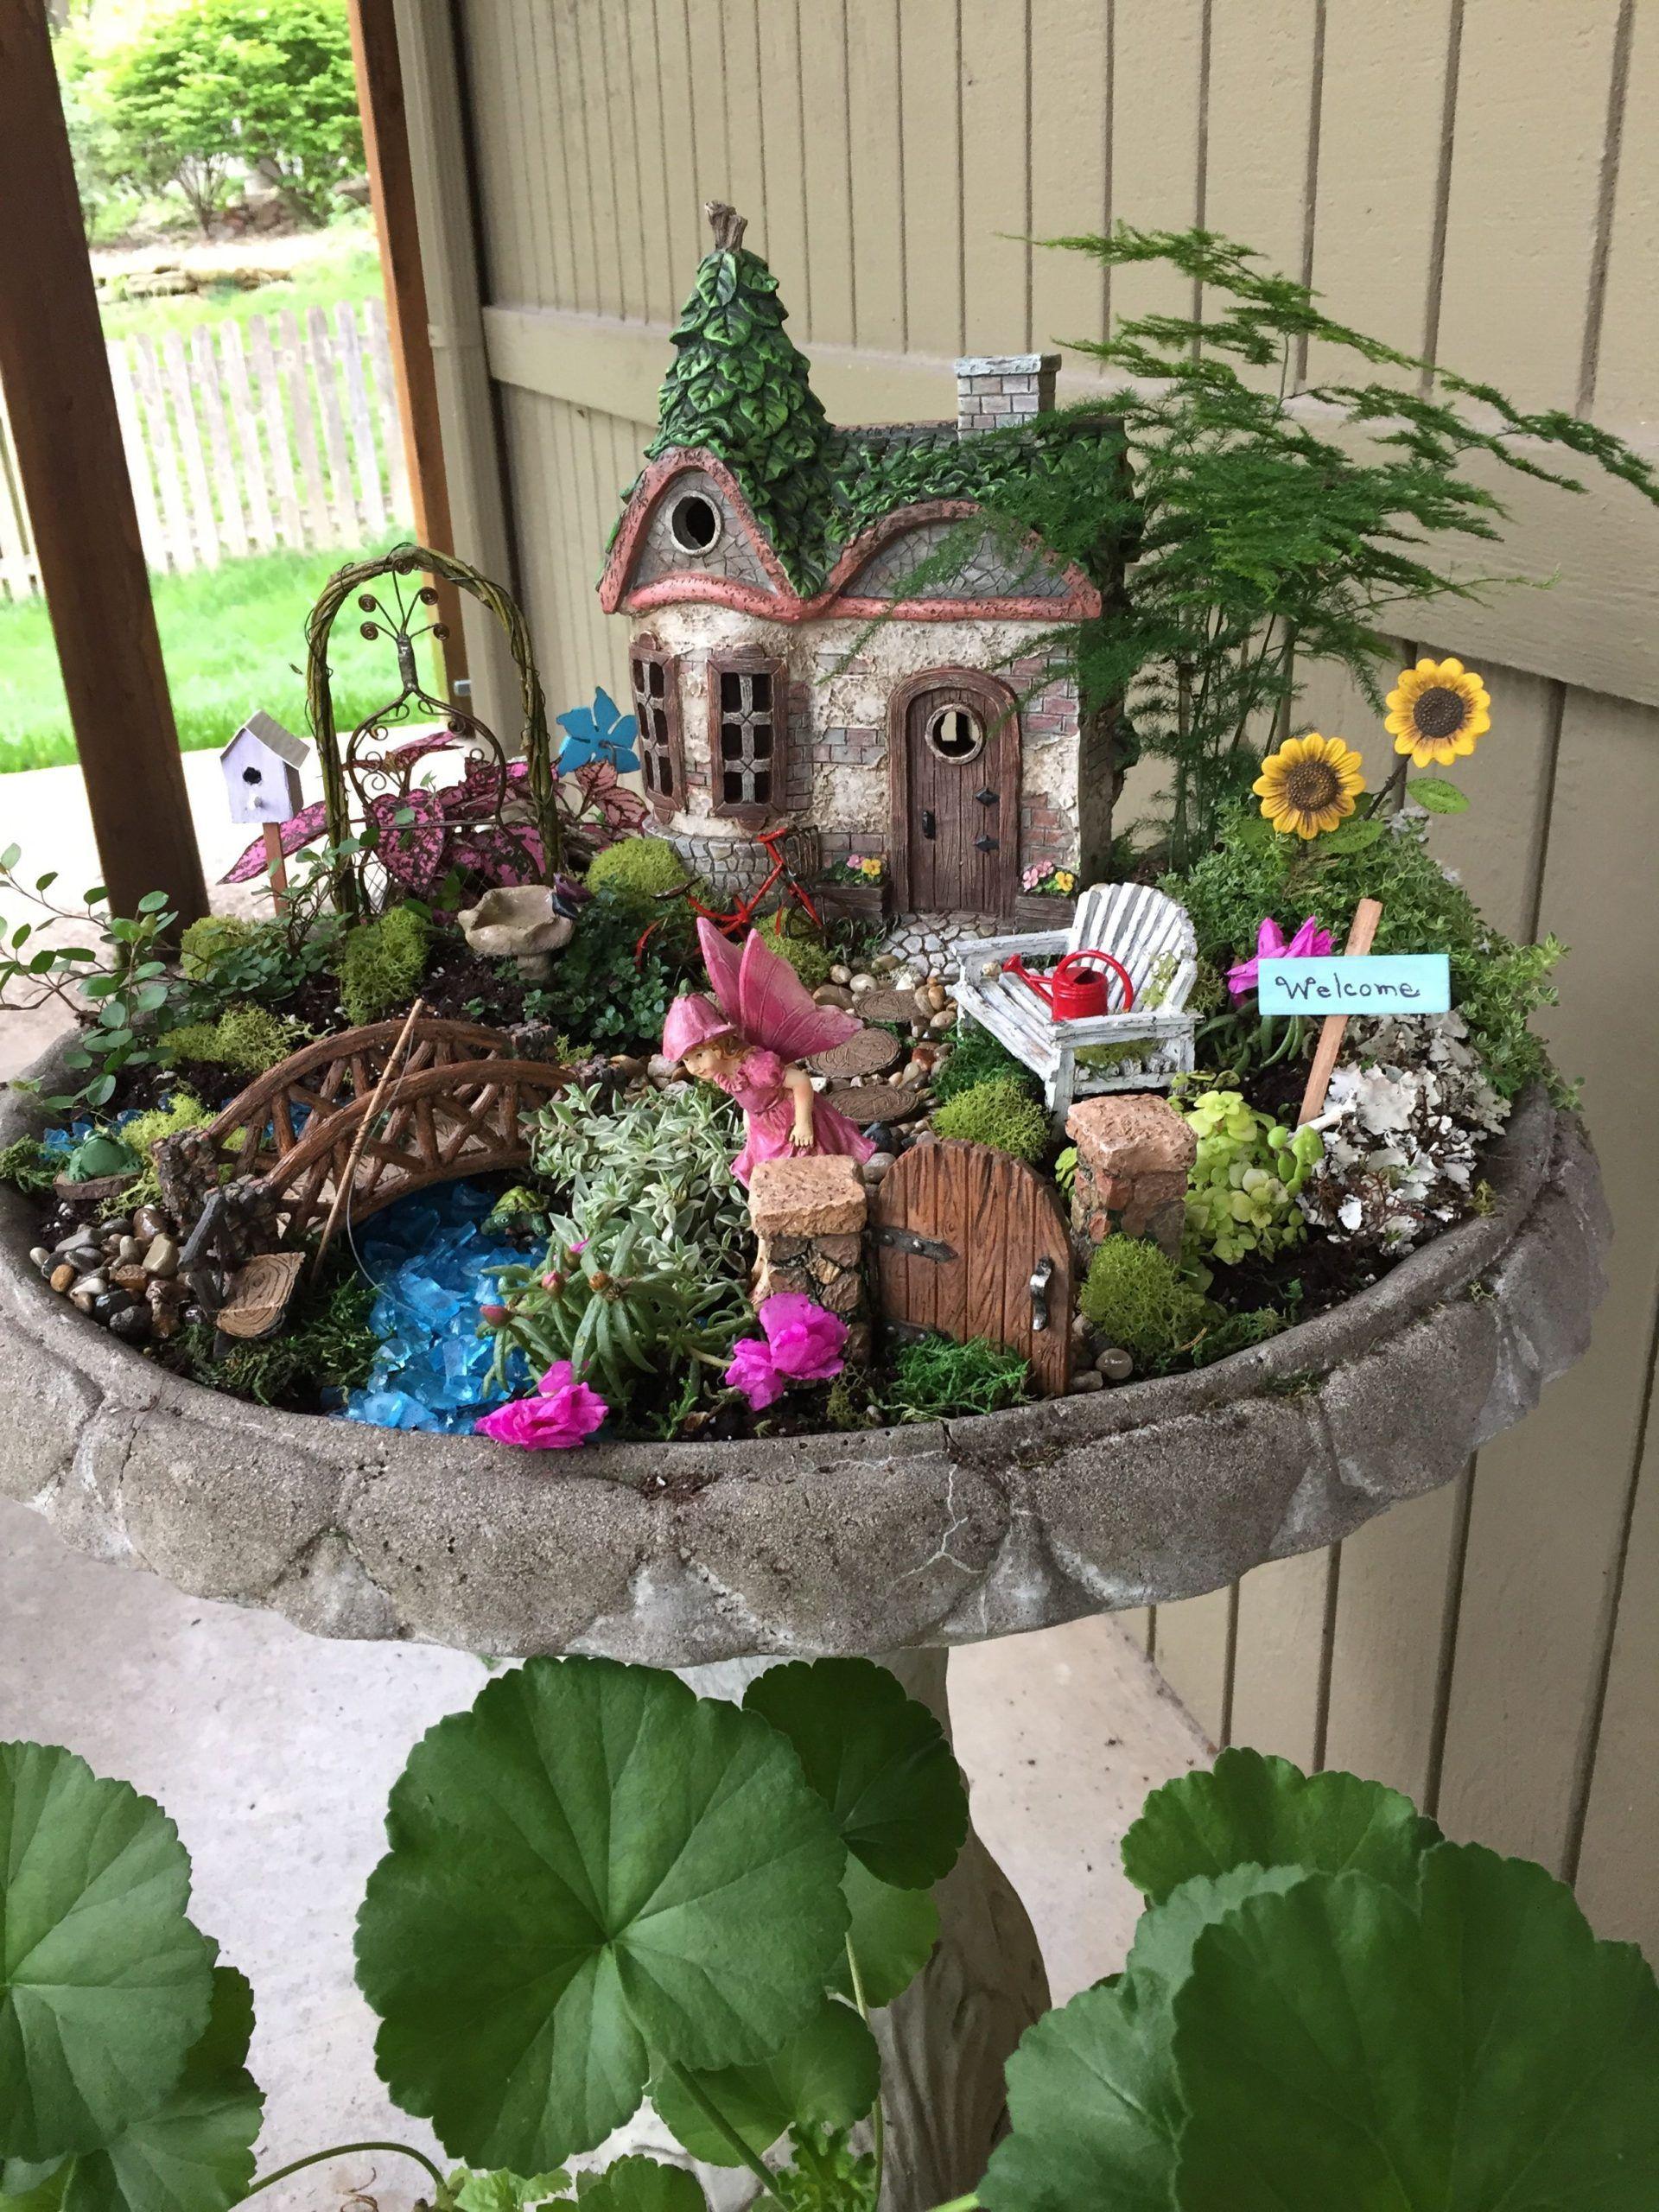 50 Magische Und Beste Pflanzen Diy Fairy Garden Inspirations Decoratoo Feengarten Pflanzen Fairy Garden Topfe Diy Feengarten